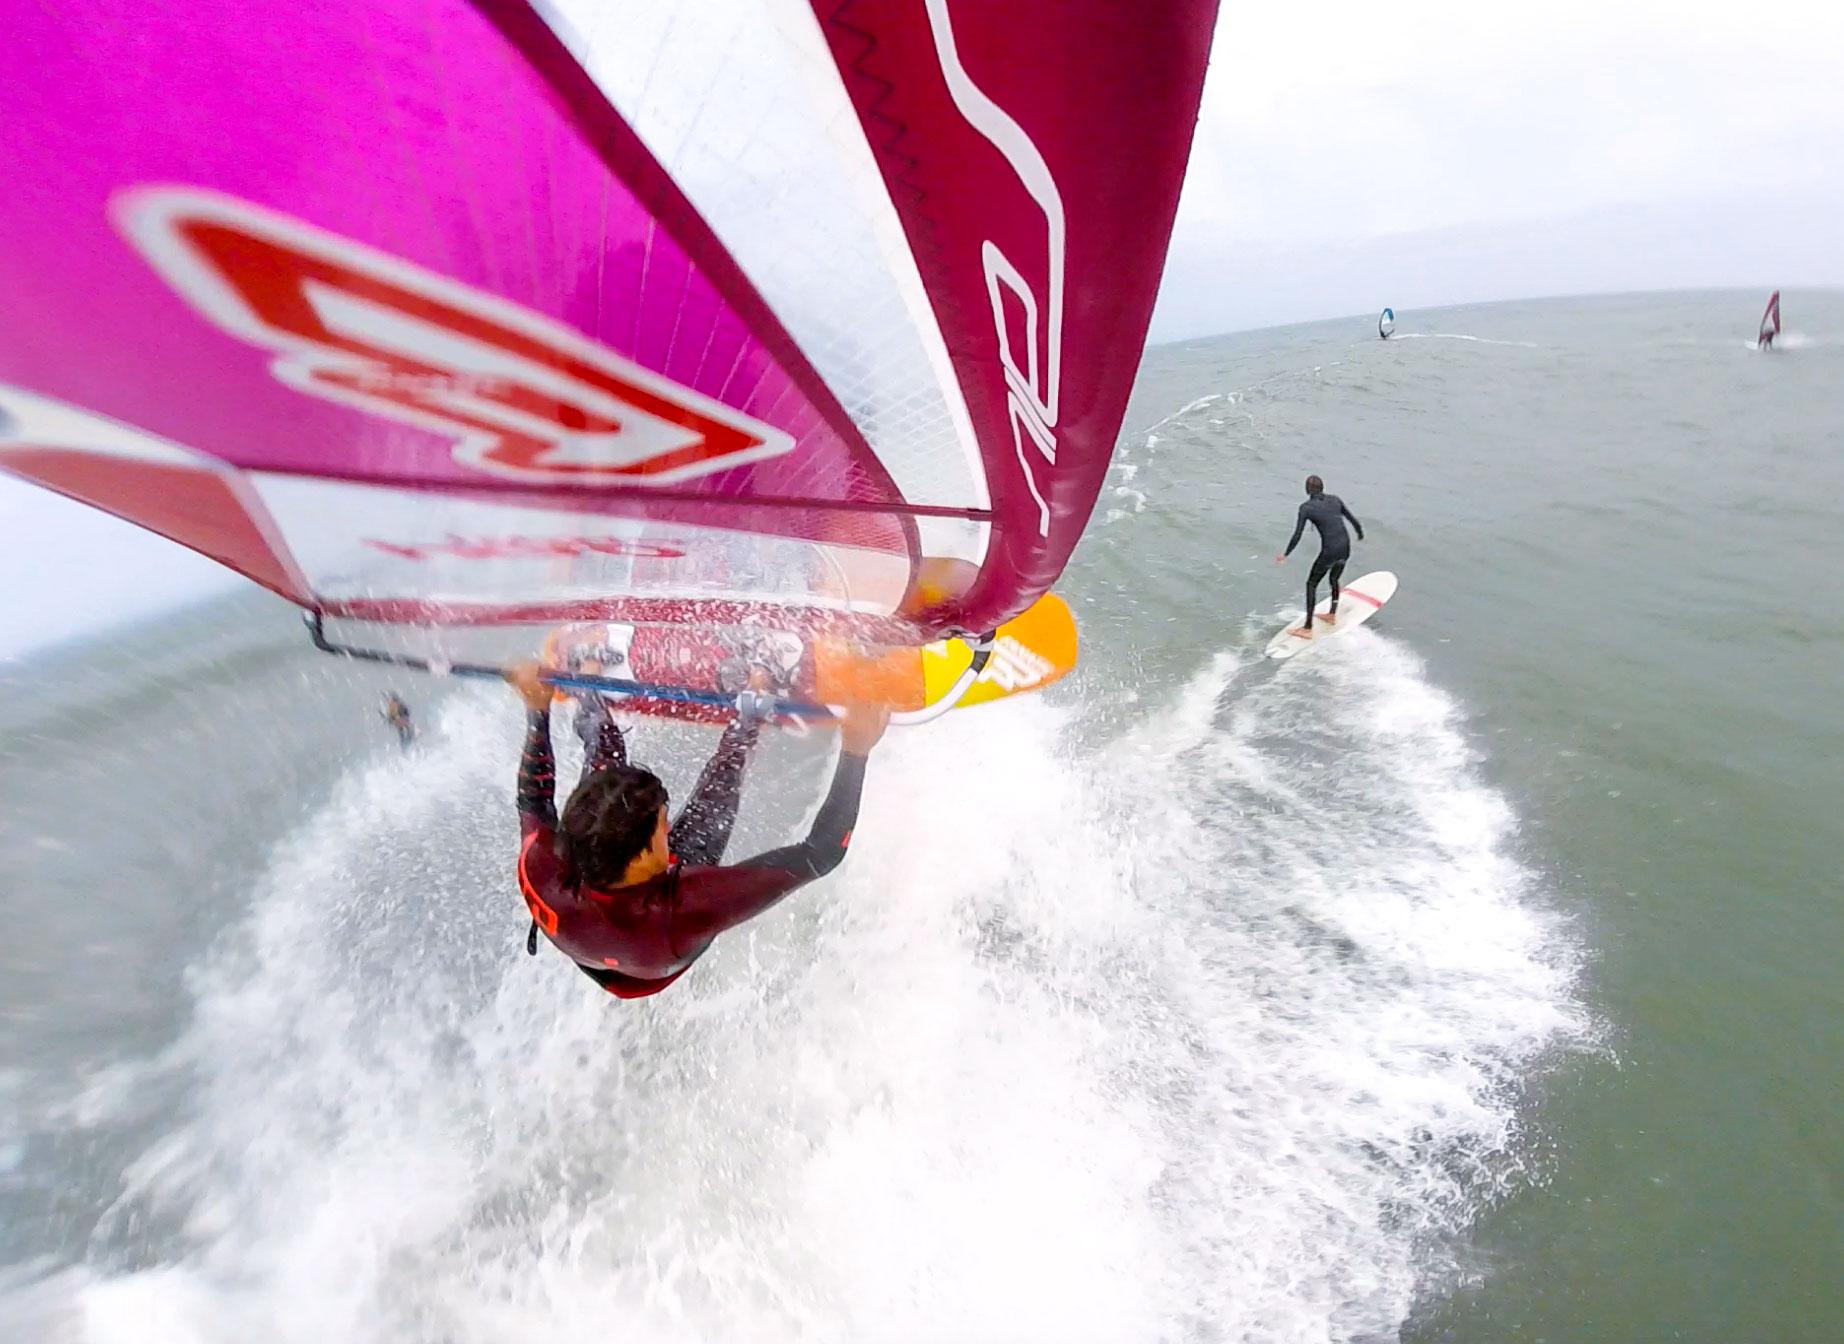 Air-surf.jpg